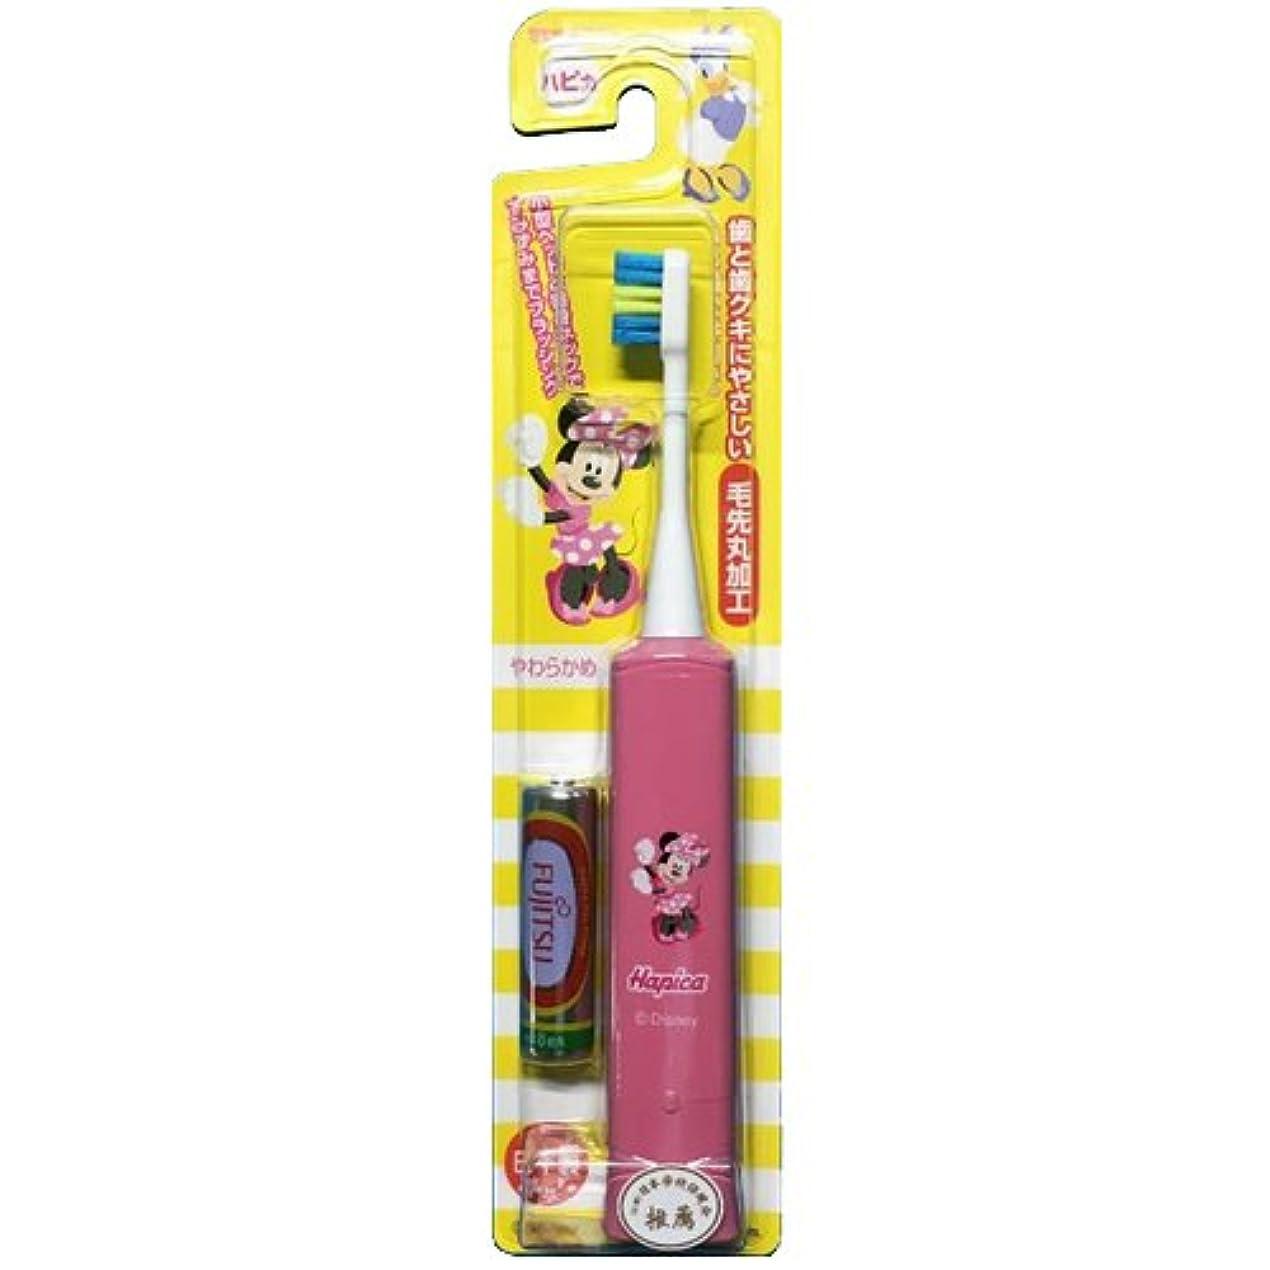 性差別ネックレットびっくりしたミニマム 電動付歯ブラシ こどもハピカ ミニー(ピンク) 毛の硬さ:やわらかめ DBK-5P(MK)